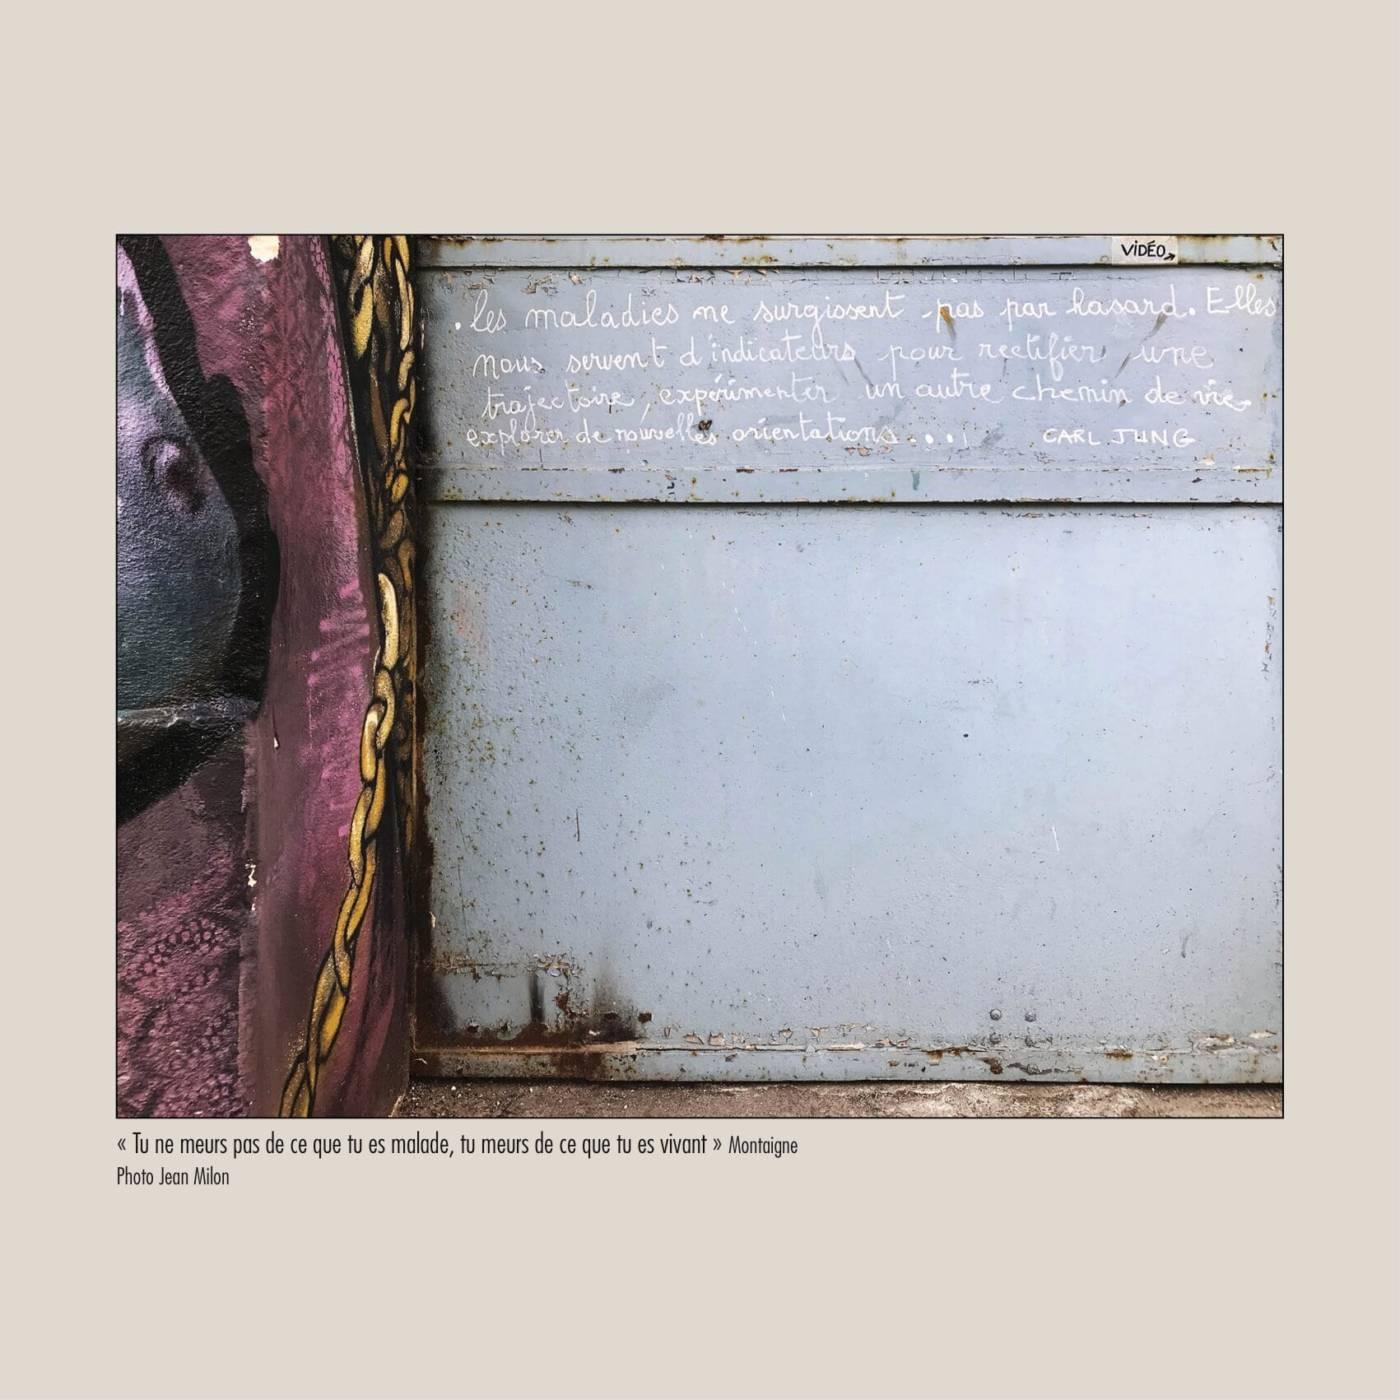 catalogue-numerique-dedans-dehors_08